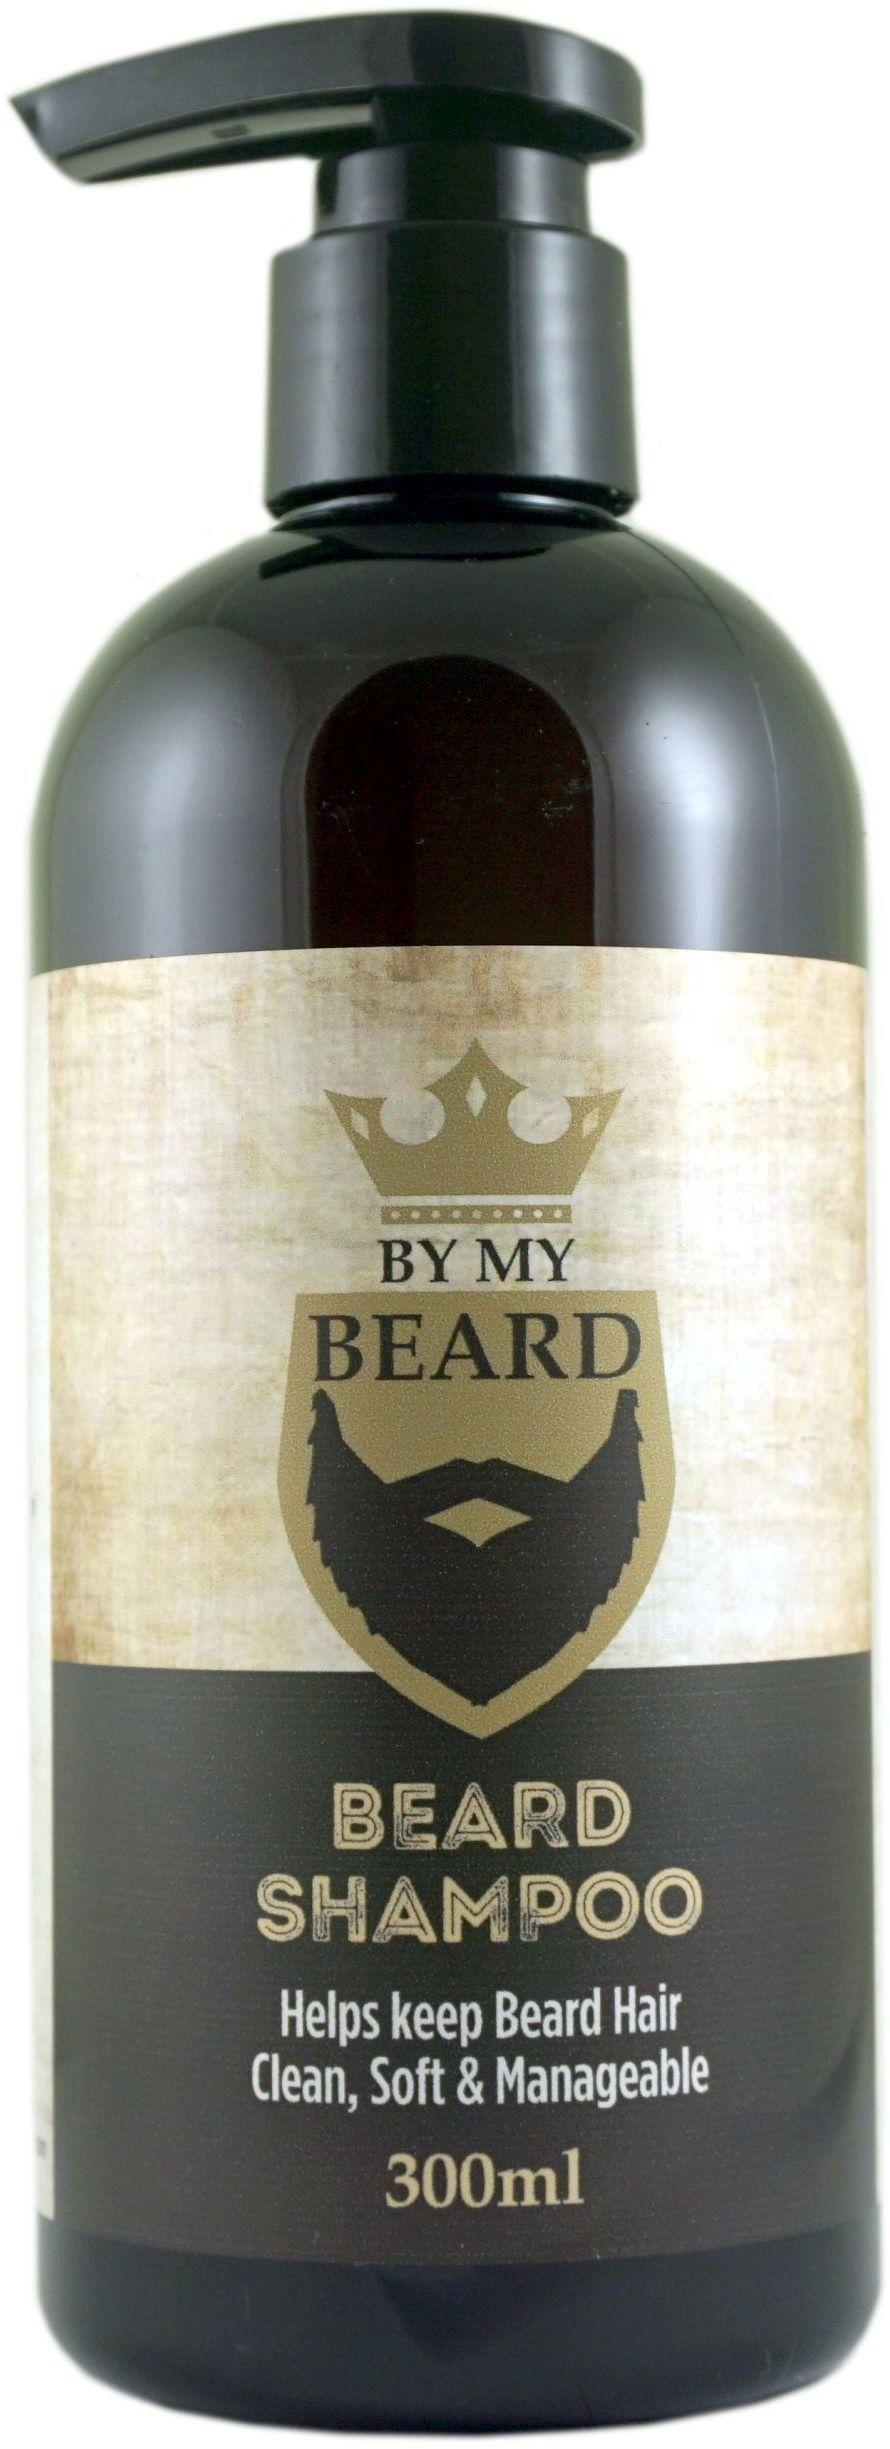 Szampon do Brody Oczyszczający i Łagodzący - 300ml - By My Beard